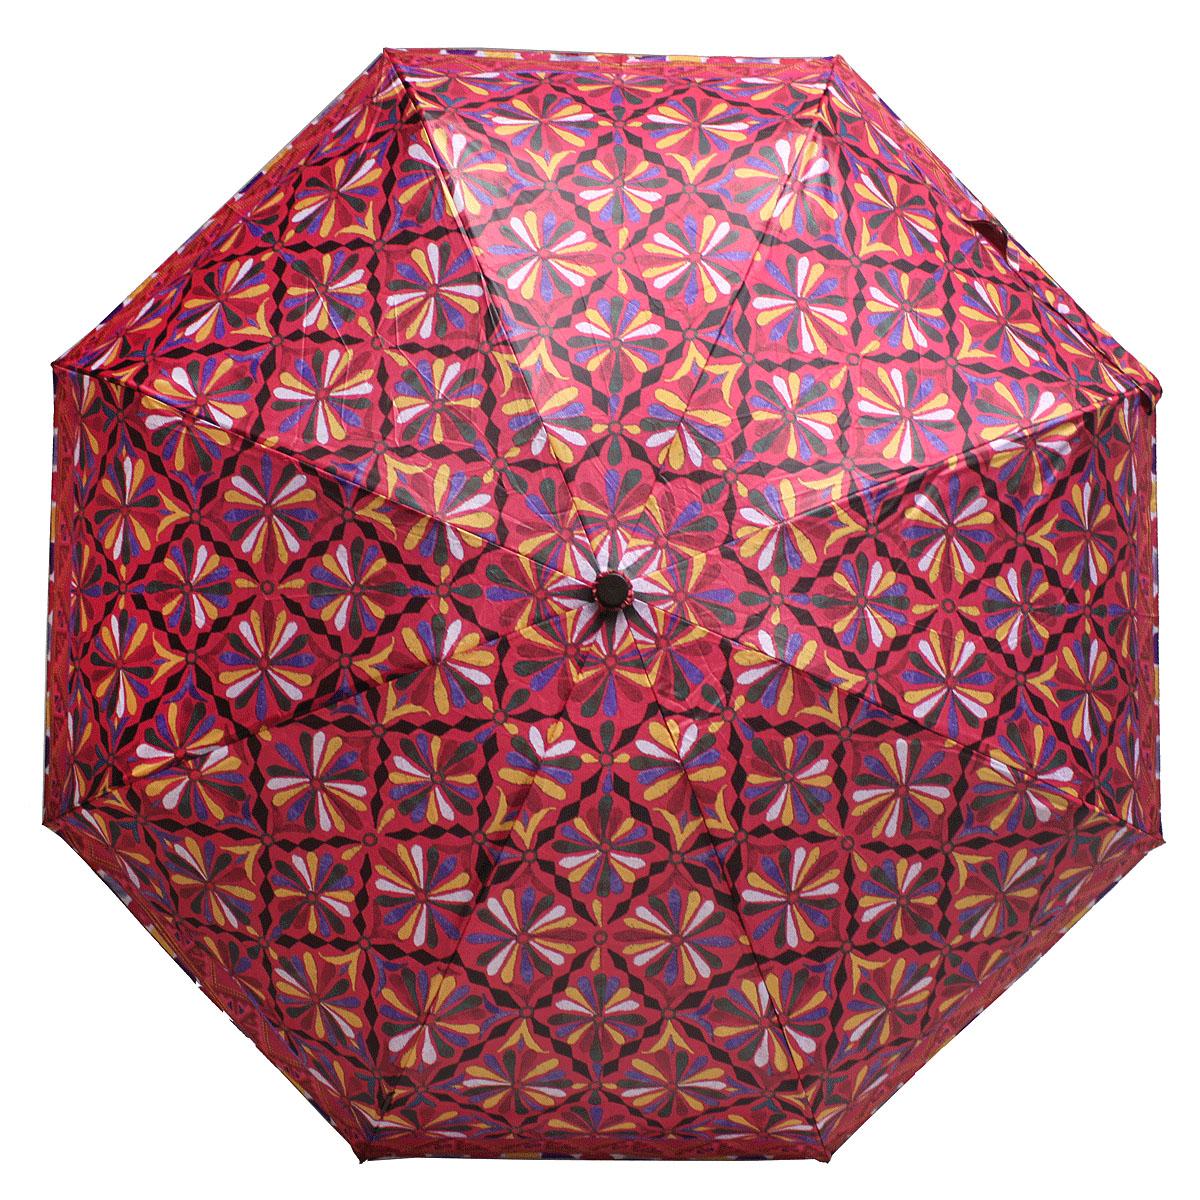 Зонт женский Bisetti, цвет: бордовый. 35167-135167-1Стильный зонт автомат испанского производителя Bisetti даже в ненастную погоду позволит вам оставаться элегантной. В производстве зонтов Bisetti используются современные материалы, что делает зонты легкими, но в то же время крепкими. Каркас зонта включает 7 спиц. Стержень изготовлен из стали, купол выполнен из прочного полиэстера. Зонт является механическим: купол открывается и закрывается вручную до характерного щелчка.